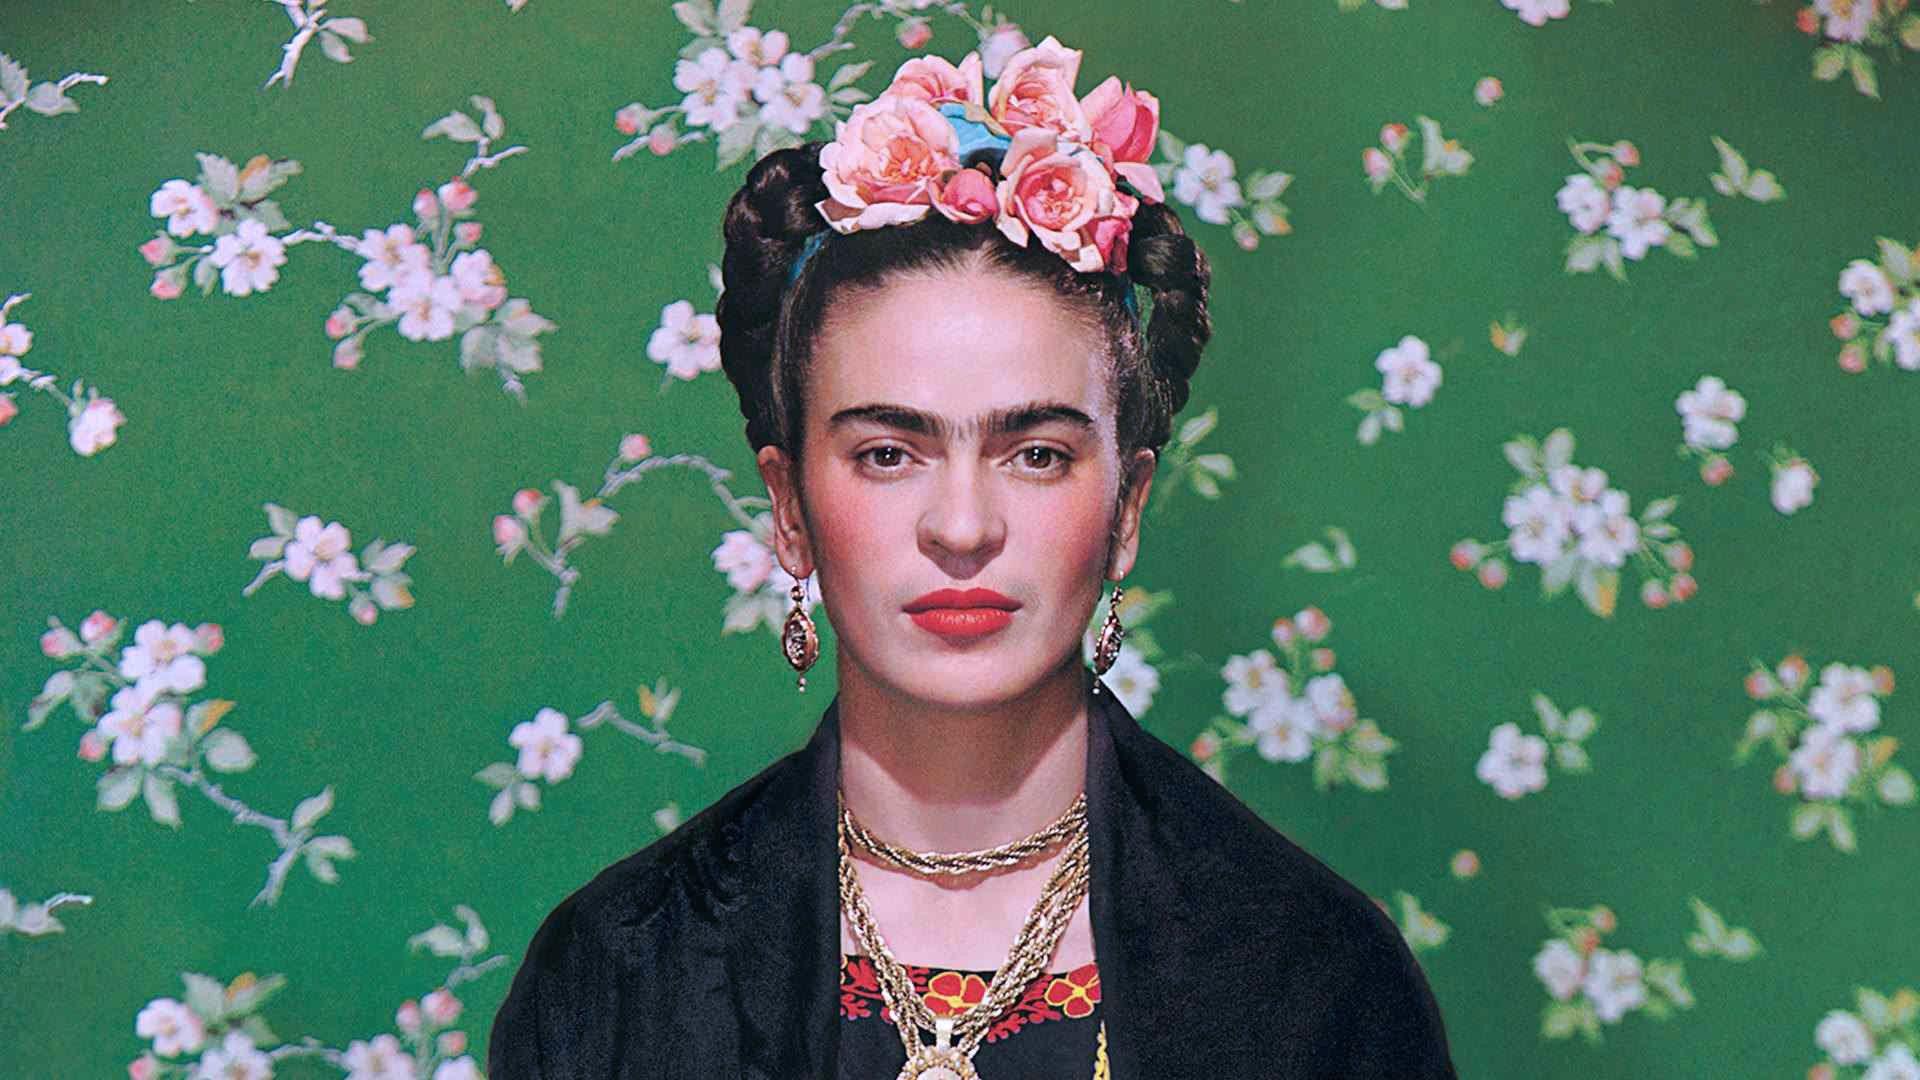 Costretta a letto da un incidente, Frida inizierà a dipingere autoritratti